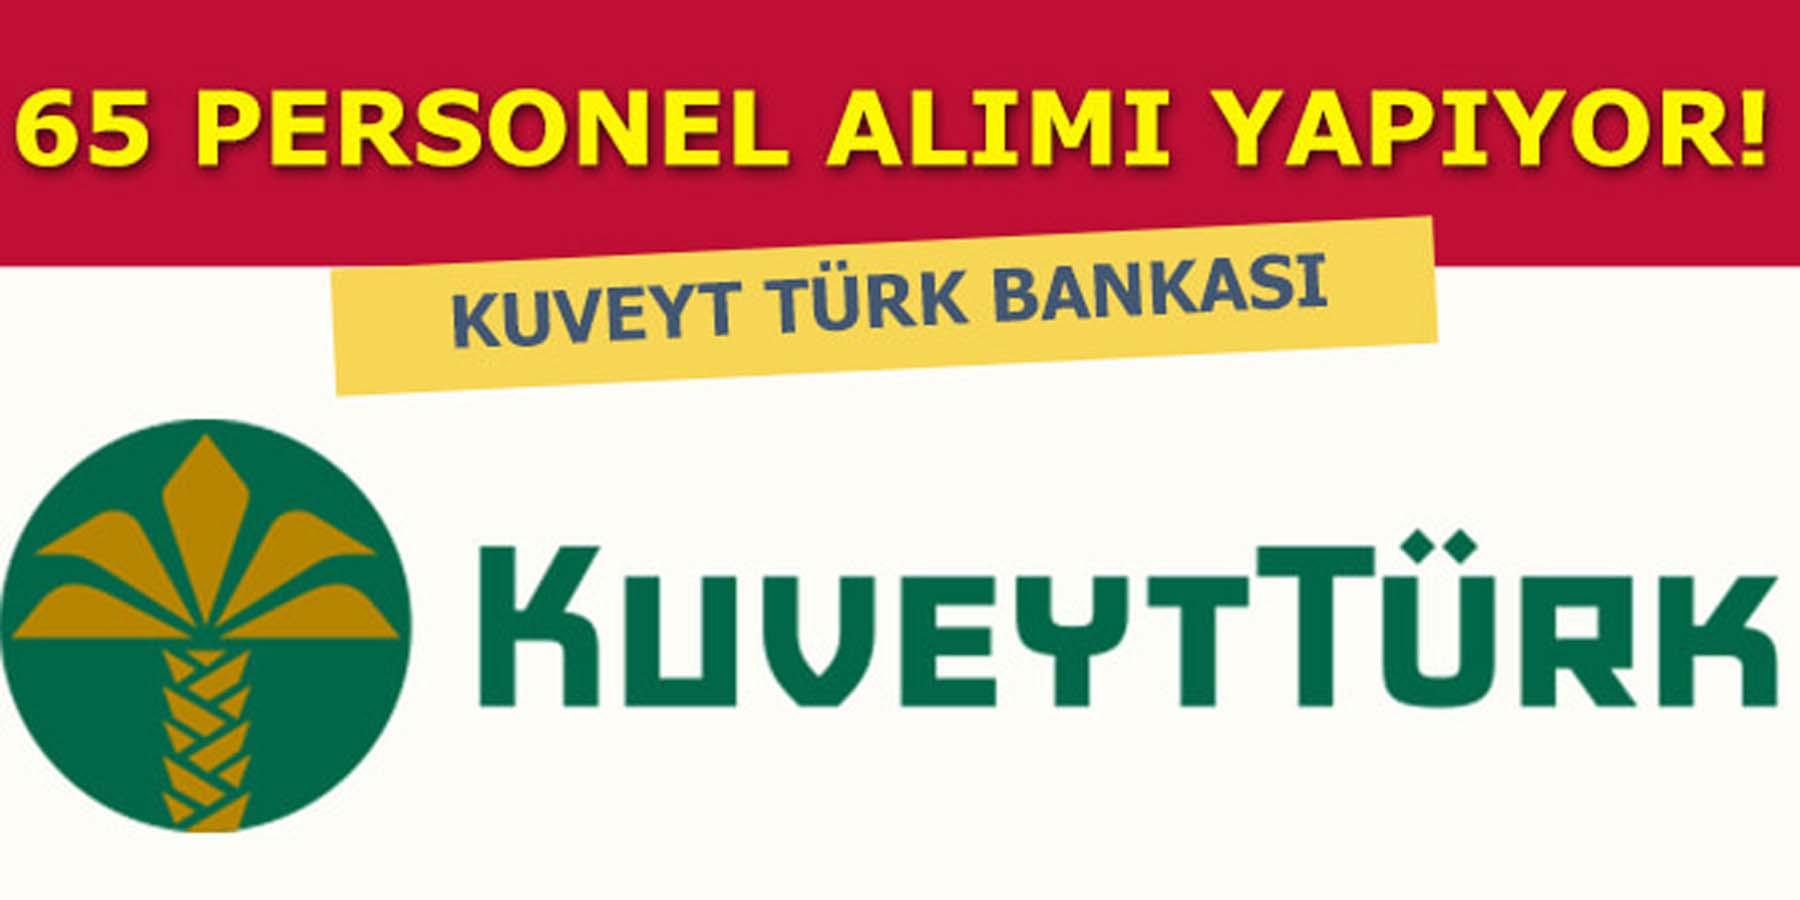 Kuveyt Türk Katılım Bankası 65 Personel Alımı Yapıyor